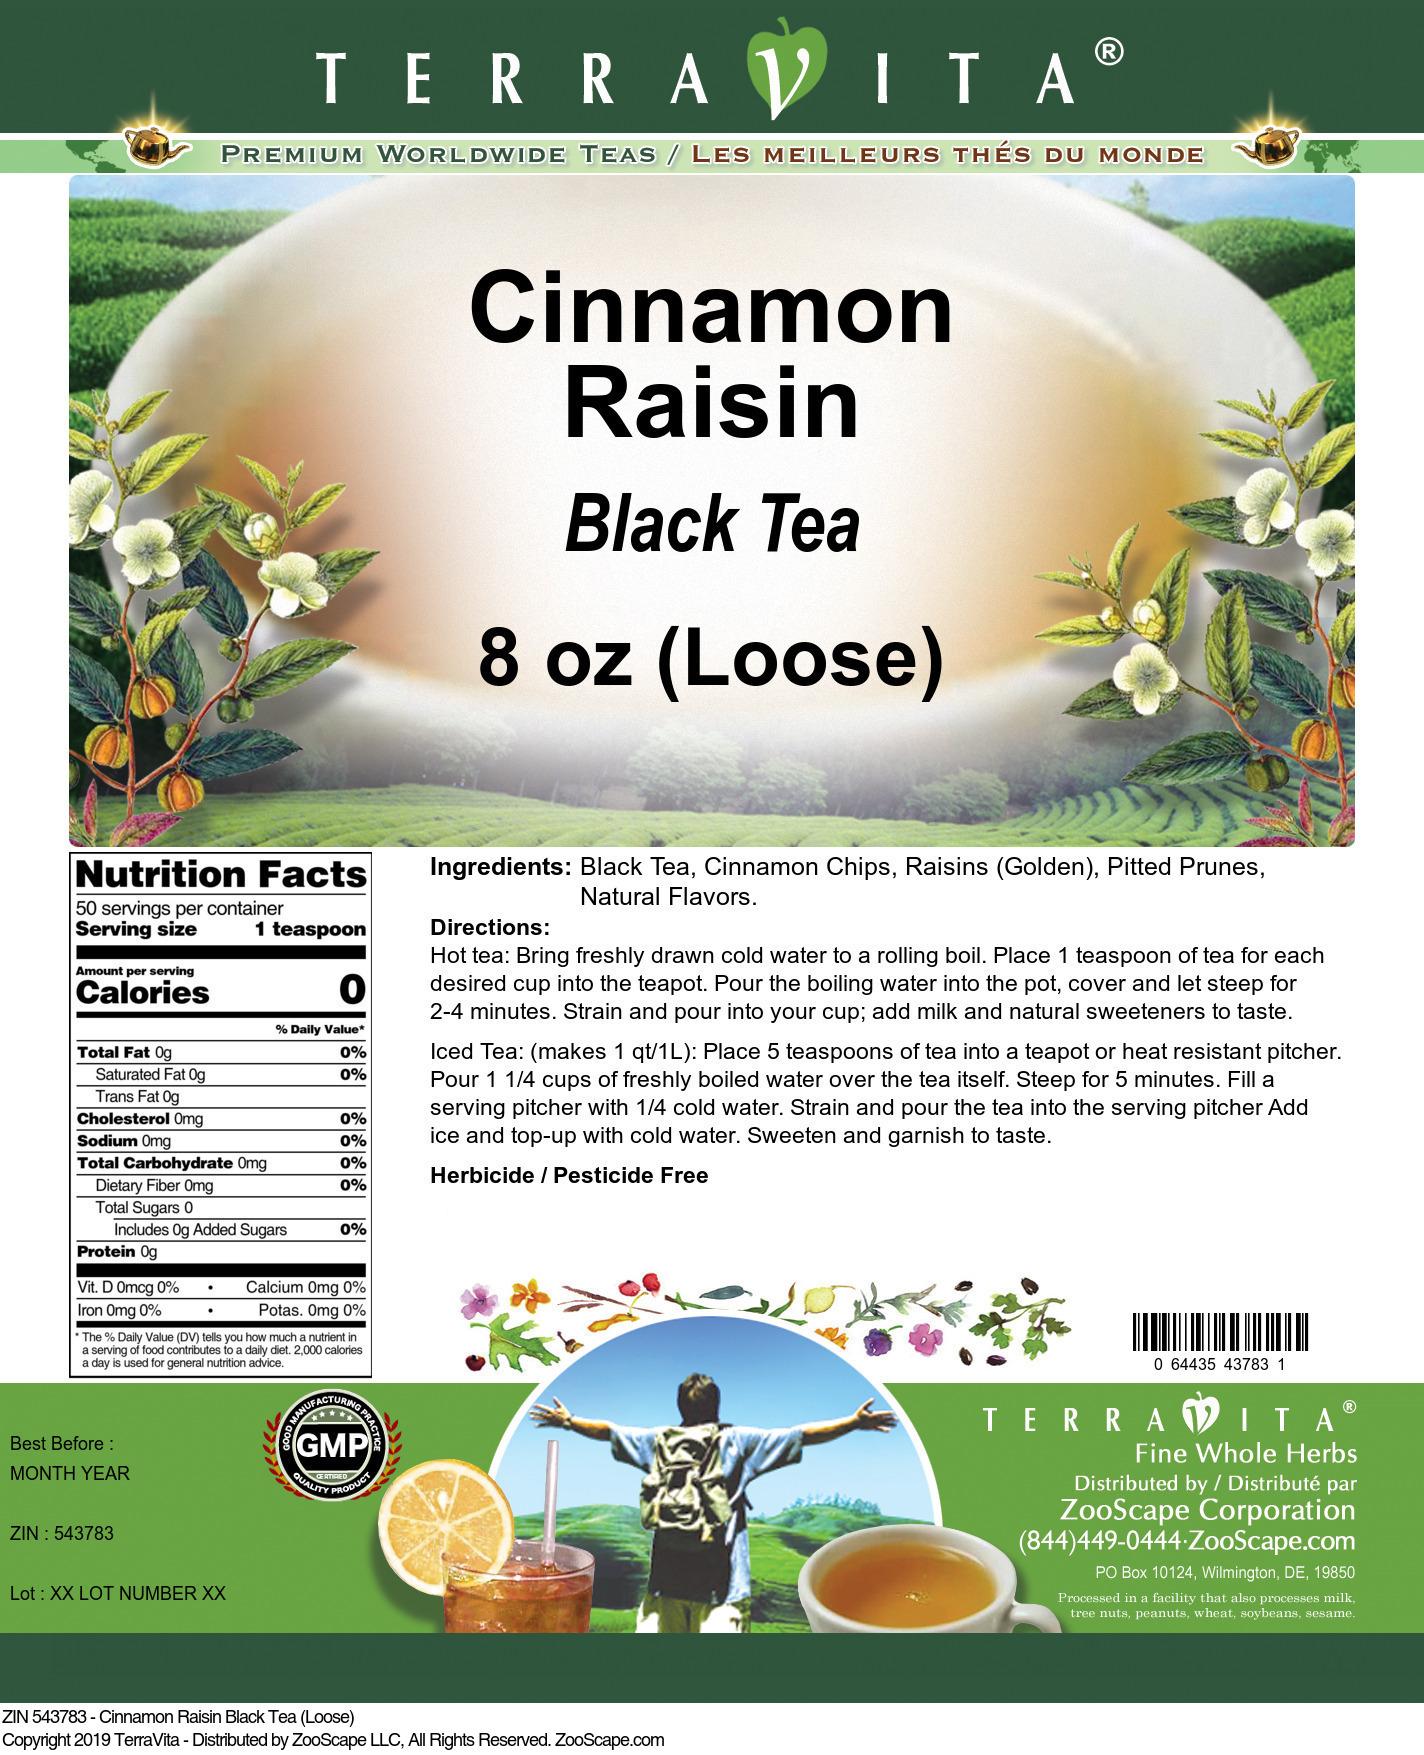 Cinnamon Raisin Black Tea (Loose)